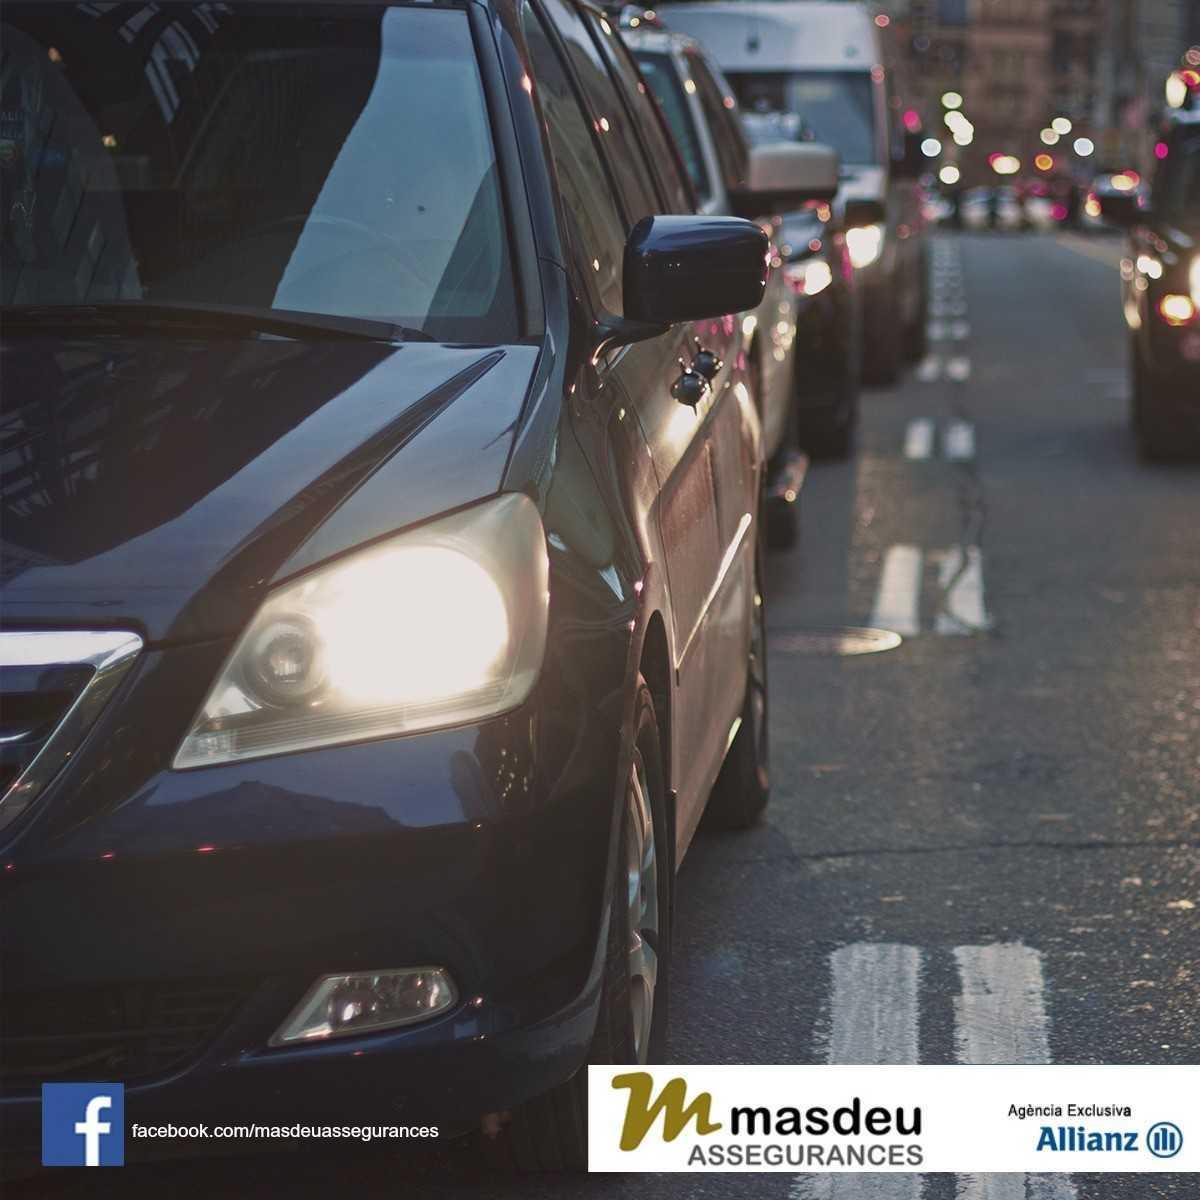 Tot el que cal saber dels distintius ambientals dels vehicles